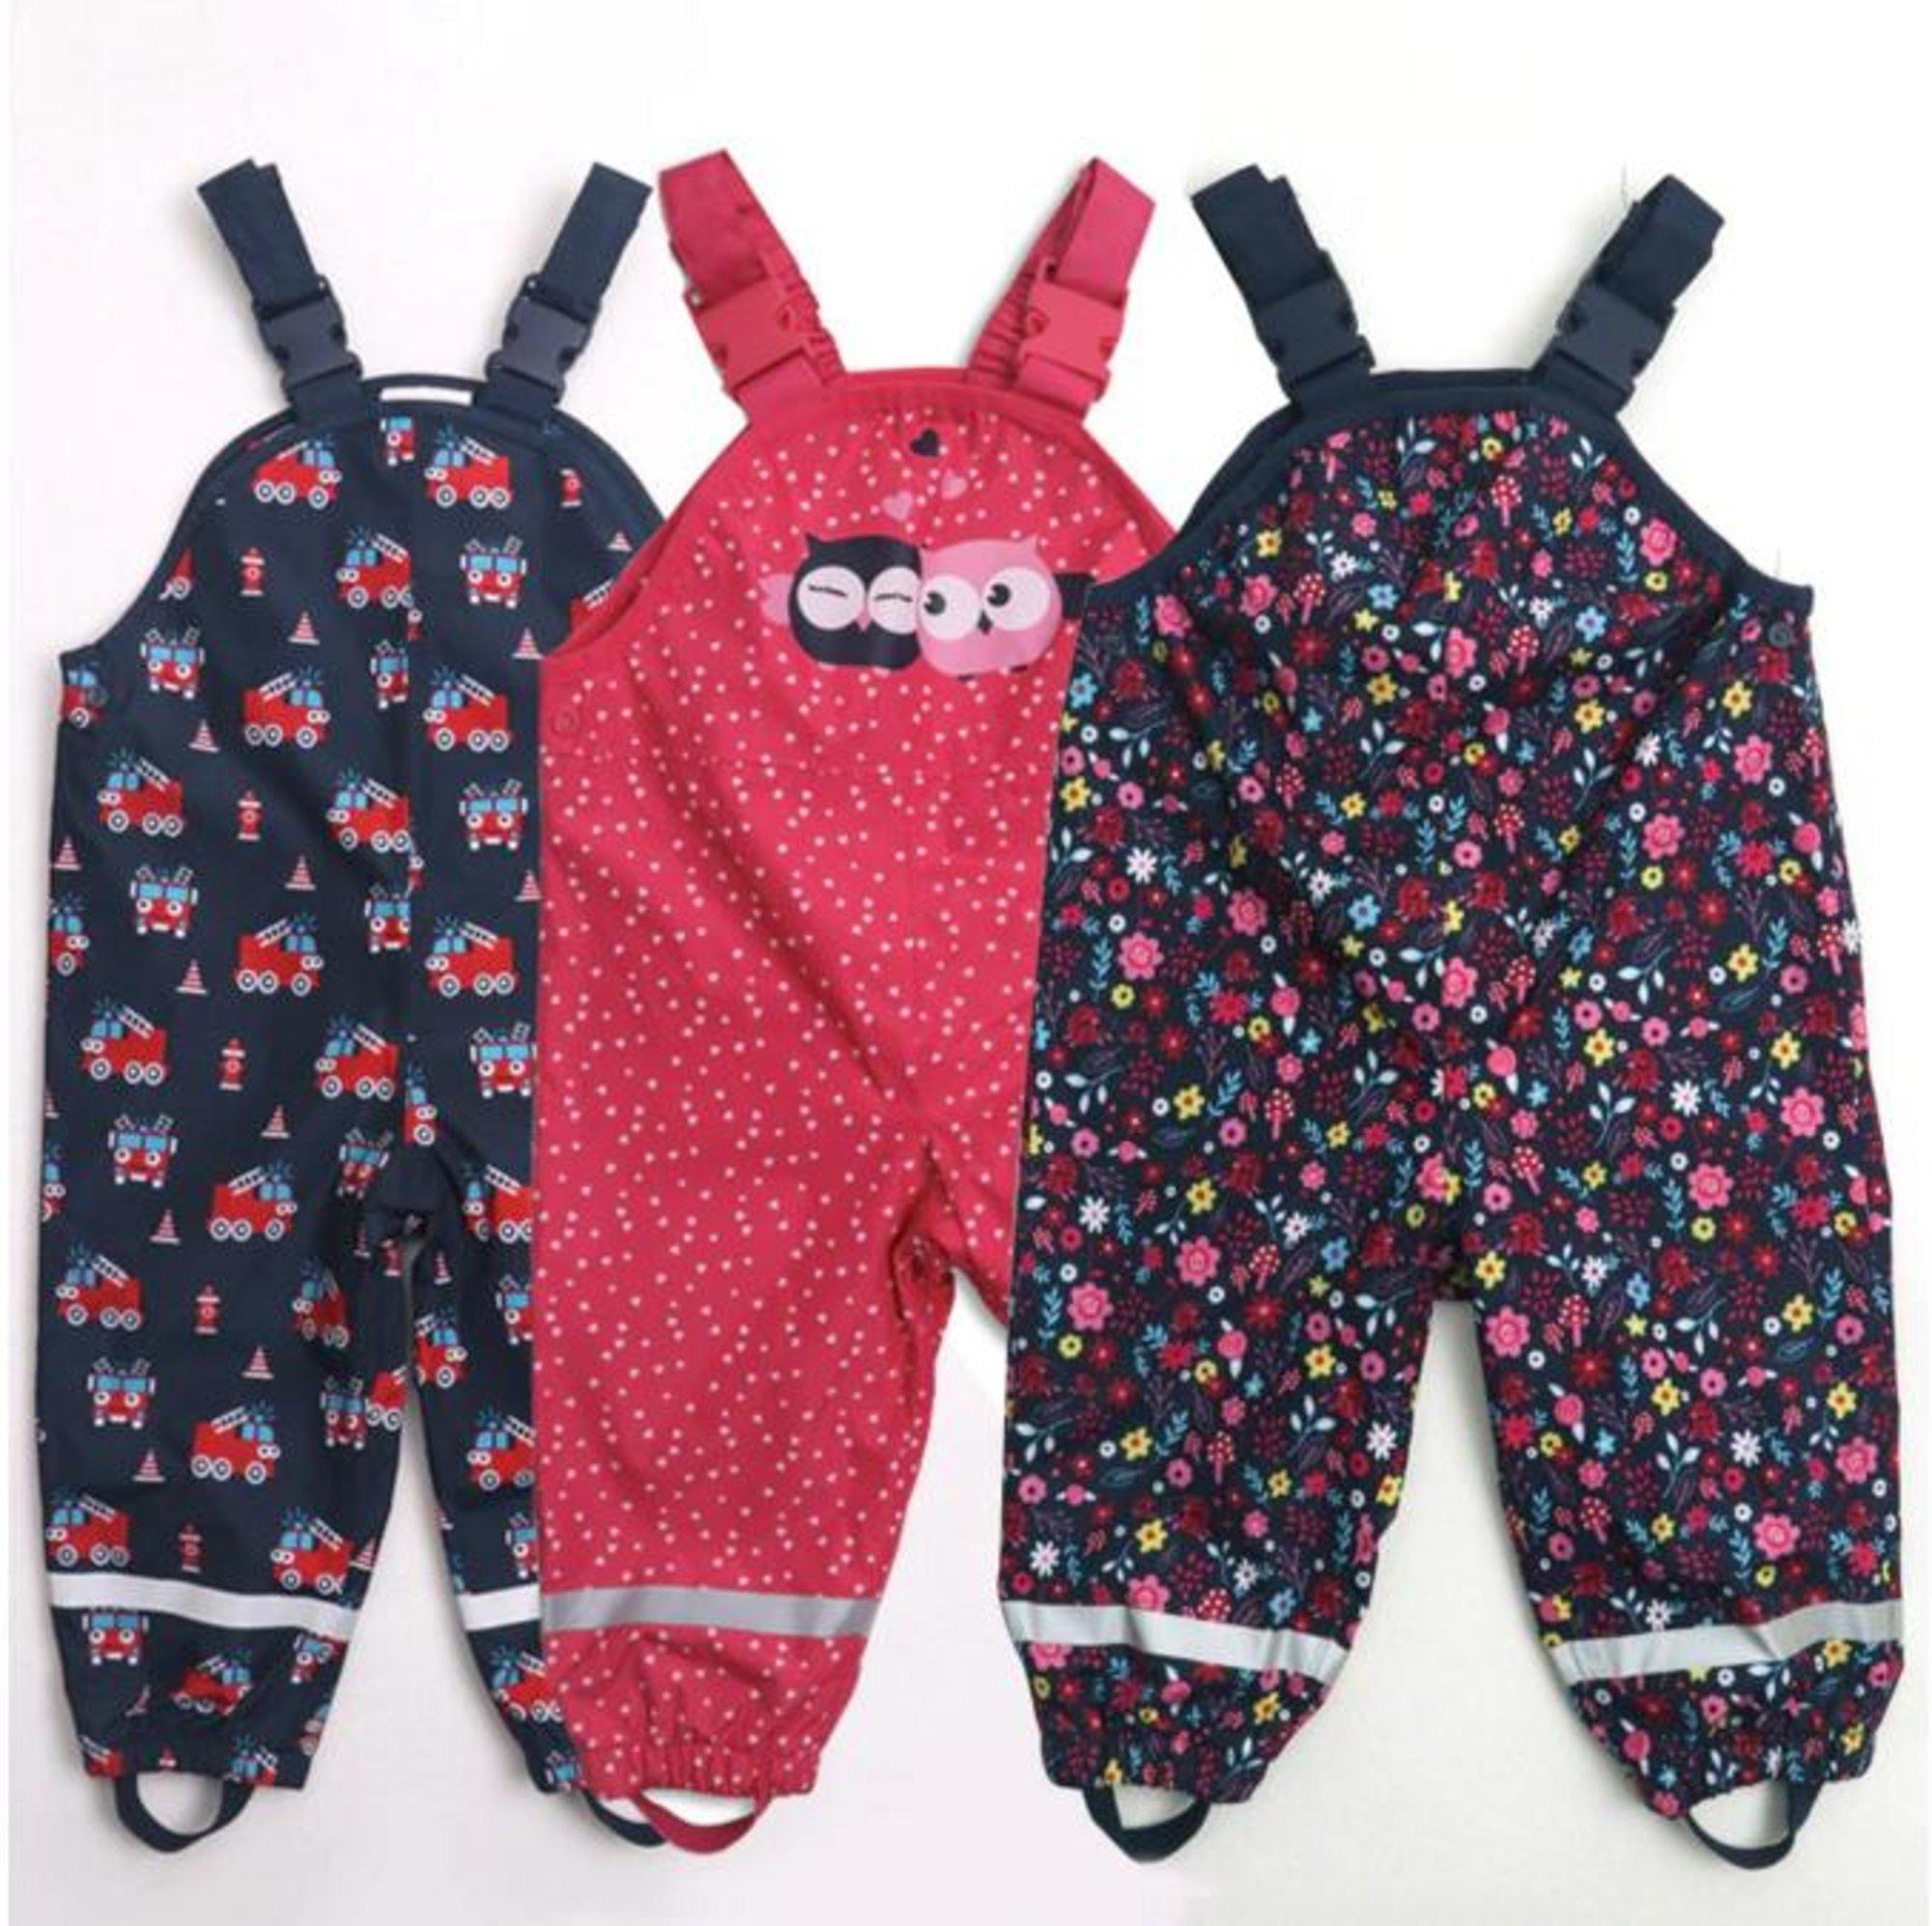 Kinder Regenanzug in verschiedenen Designs